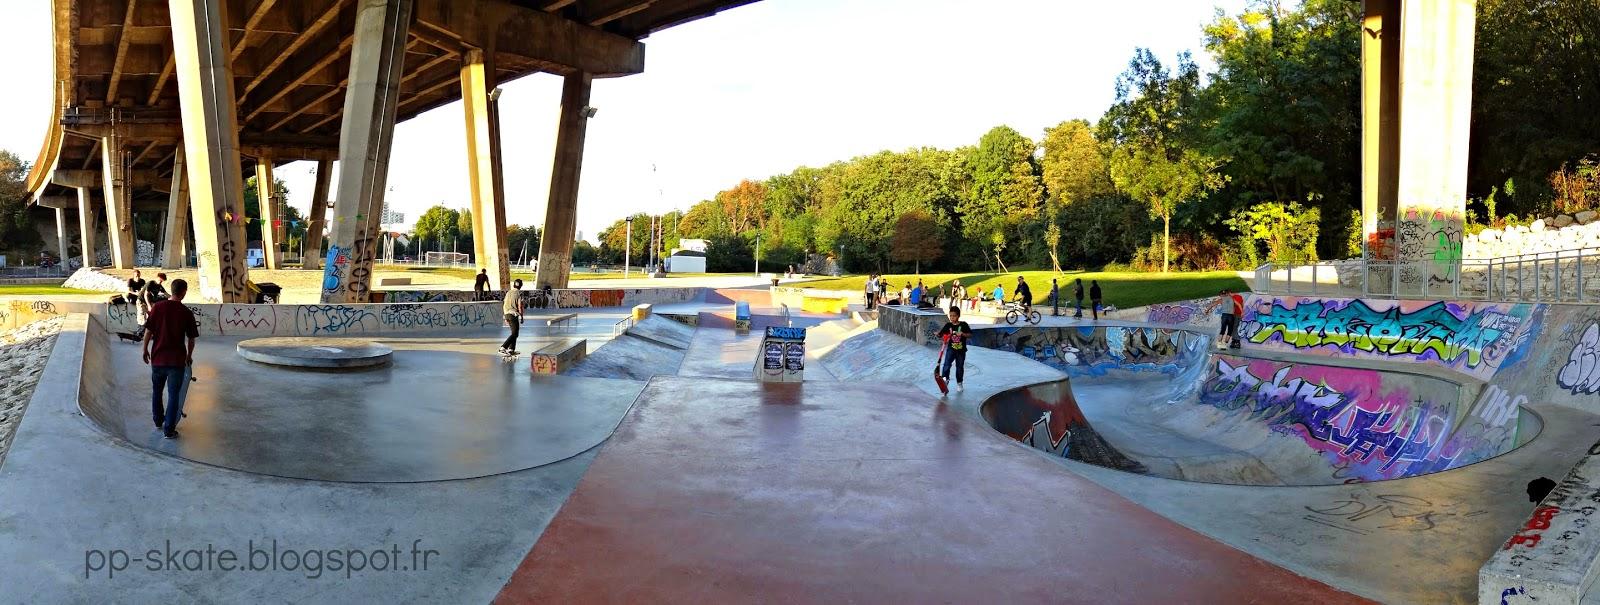 skatepark Arcueil panoramique